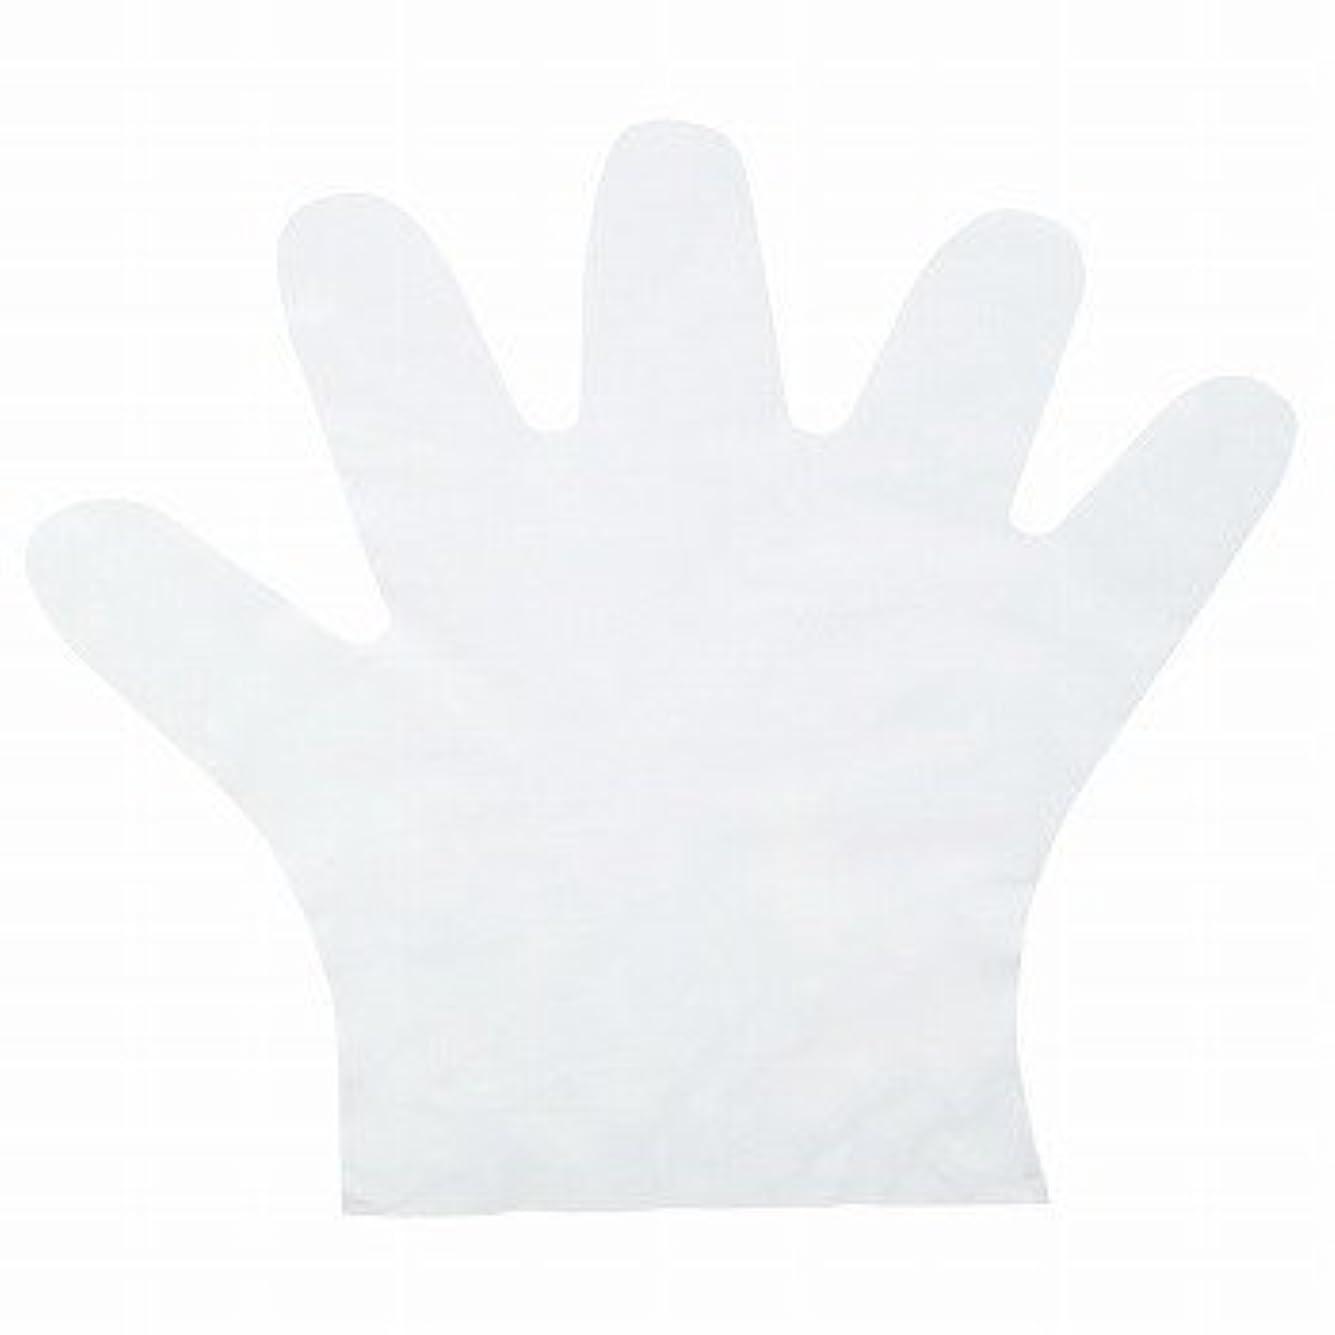 叱るオーバーヘッドおたふく手袋/ポリエチディスポ(LD) [100枚入]/品番:248 サイズ:L